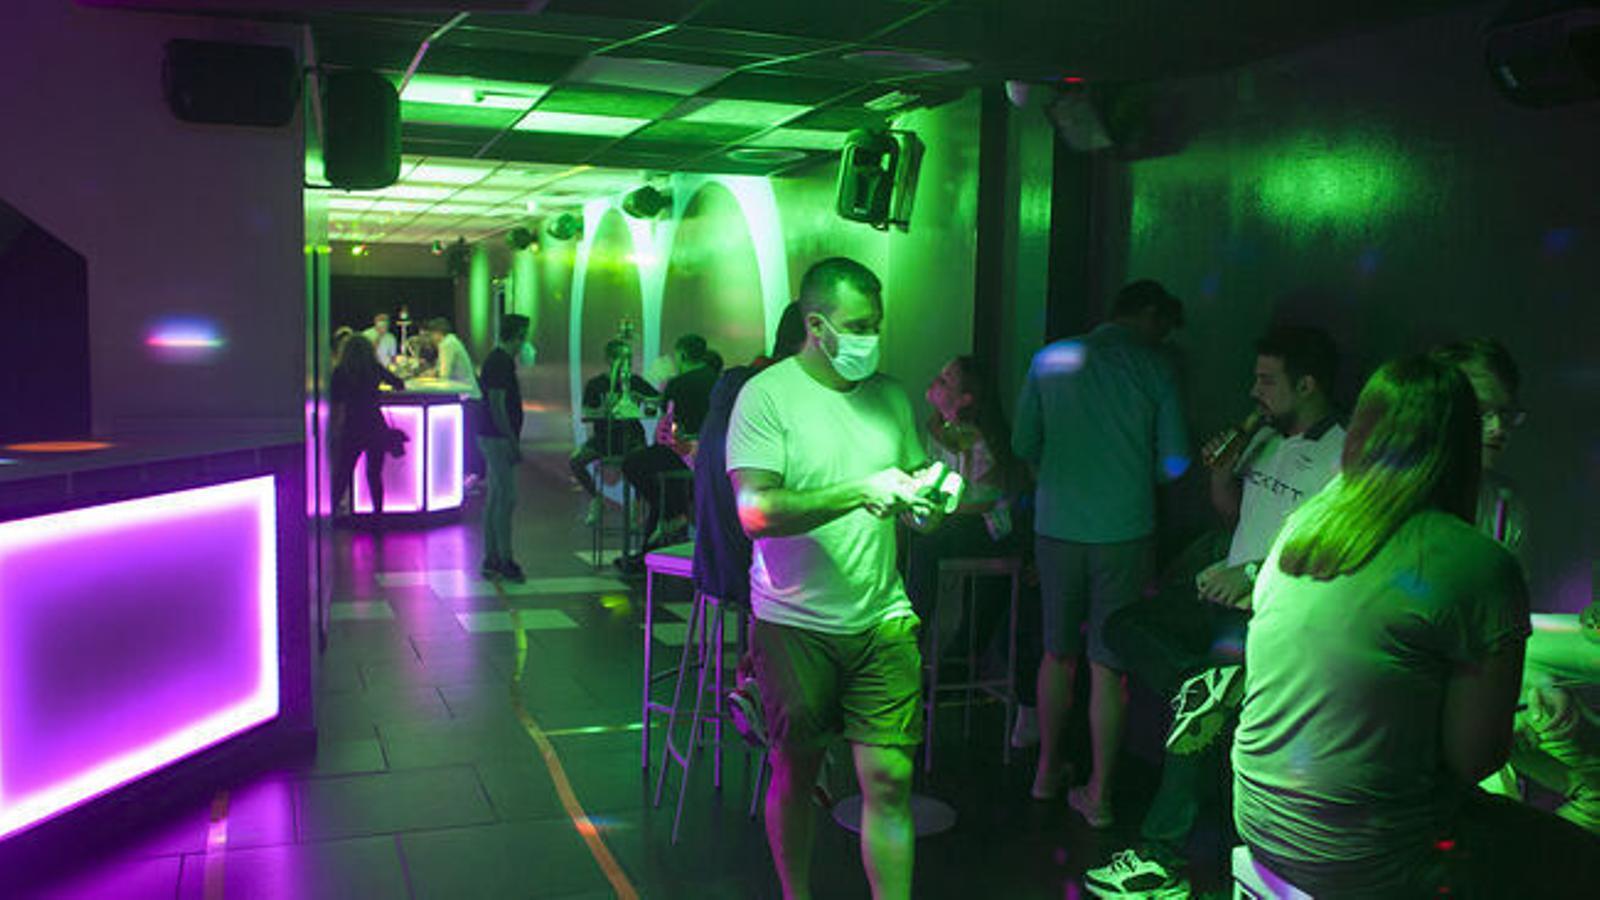 Una discoteca / TJERK VAN DER MEULEN